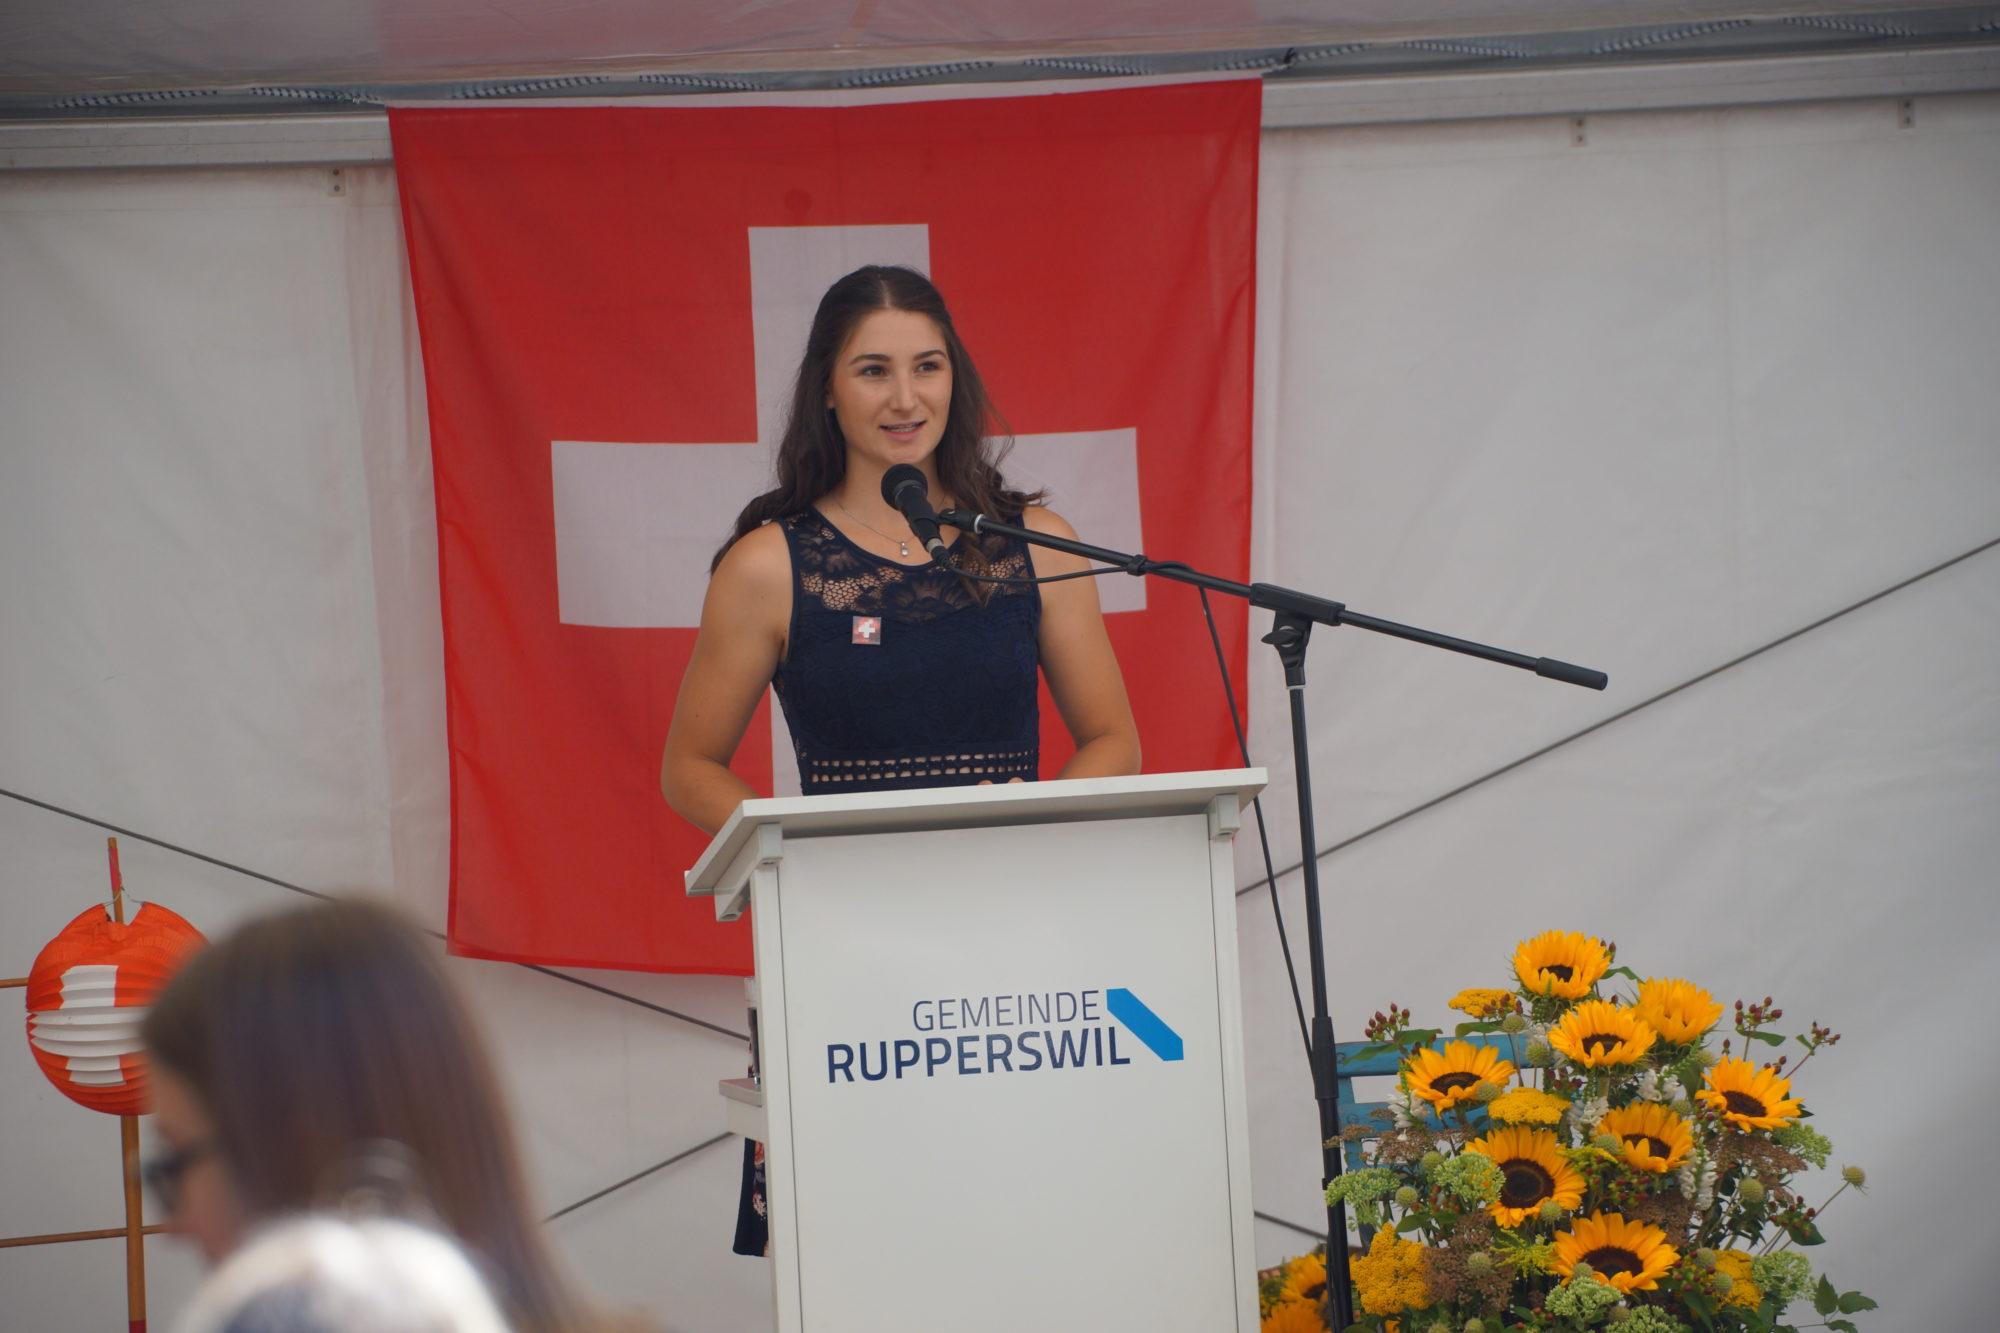 Bundesfeieransprache Rupperswil